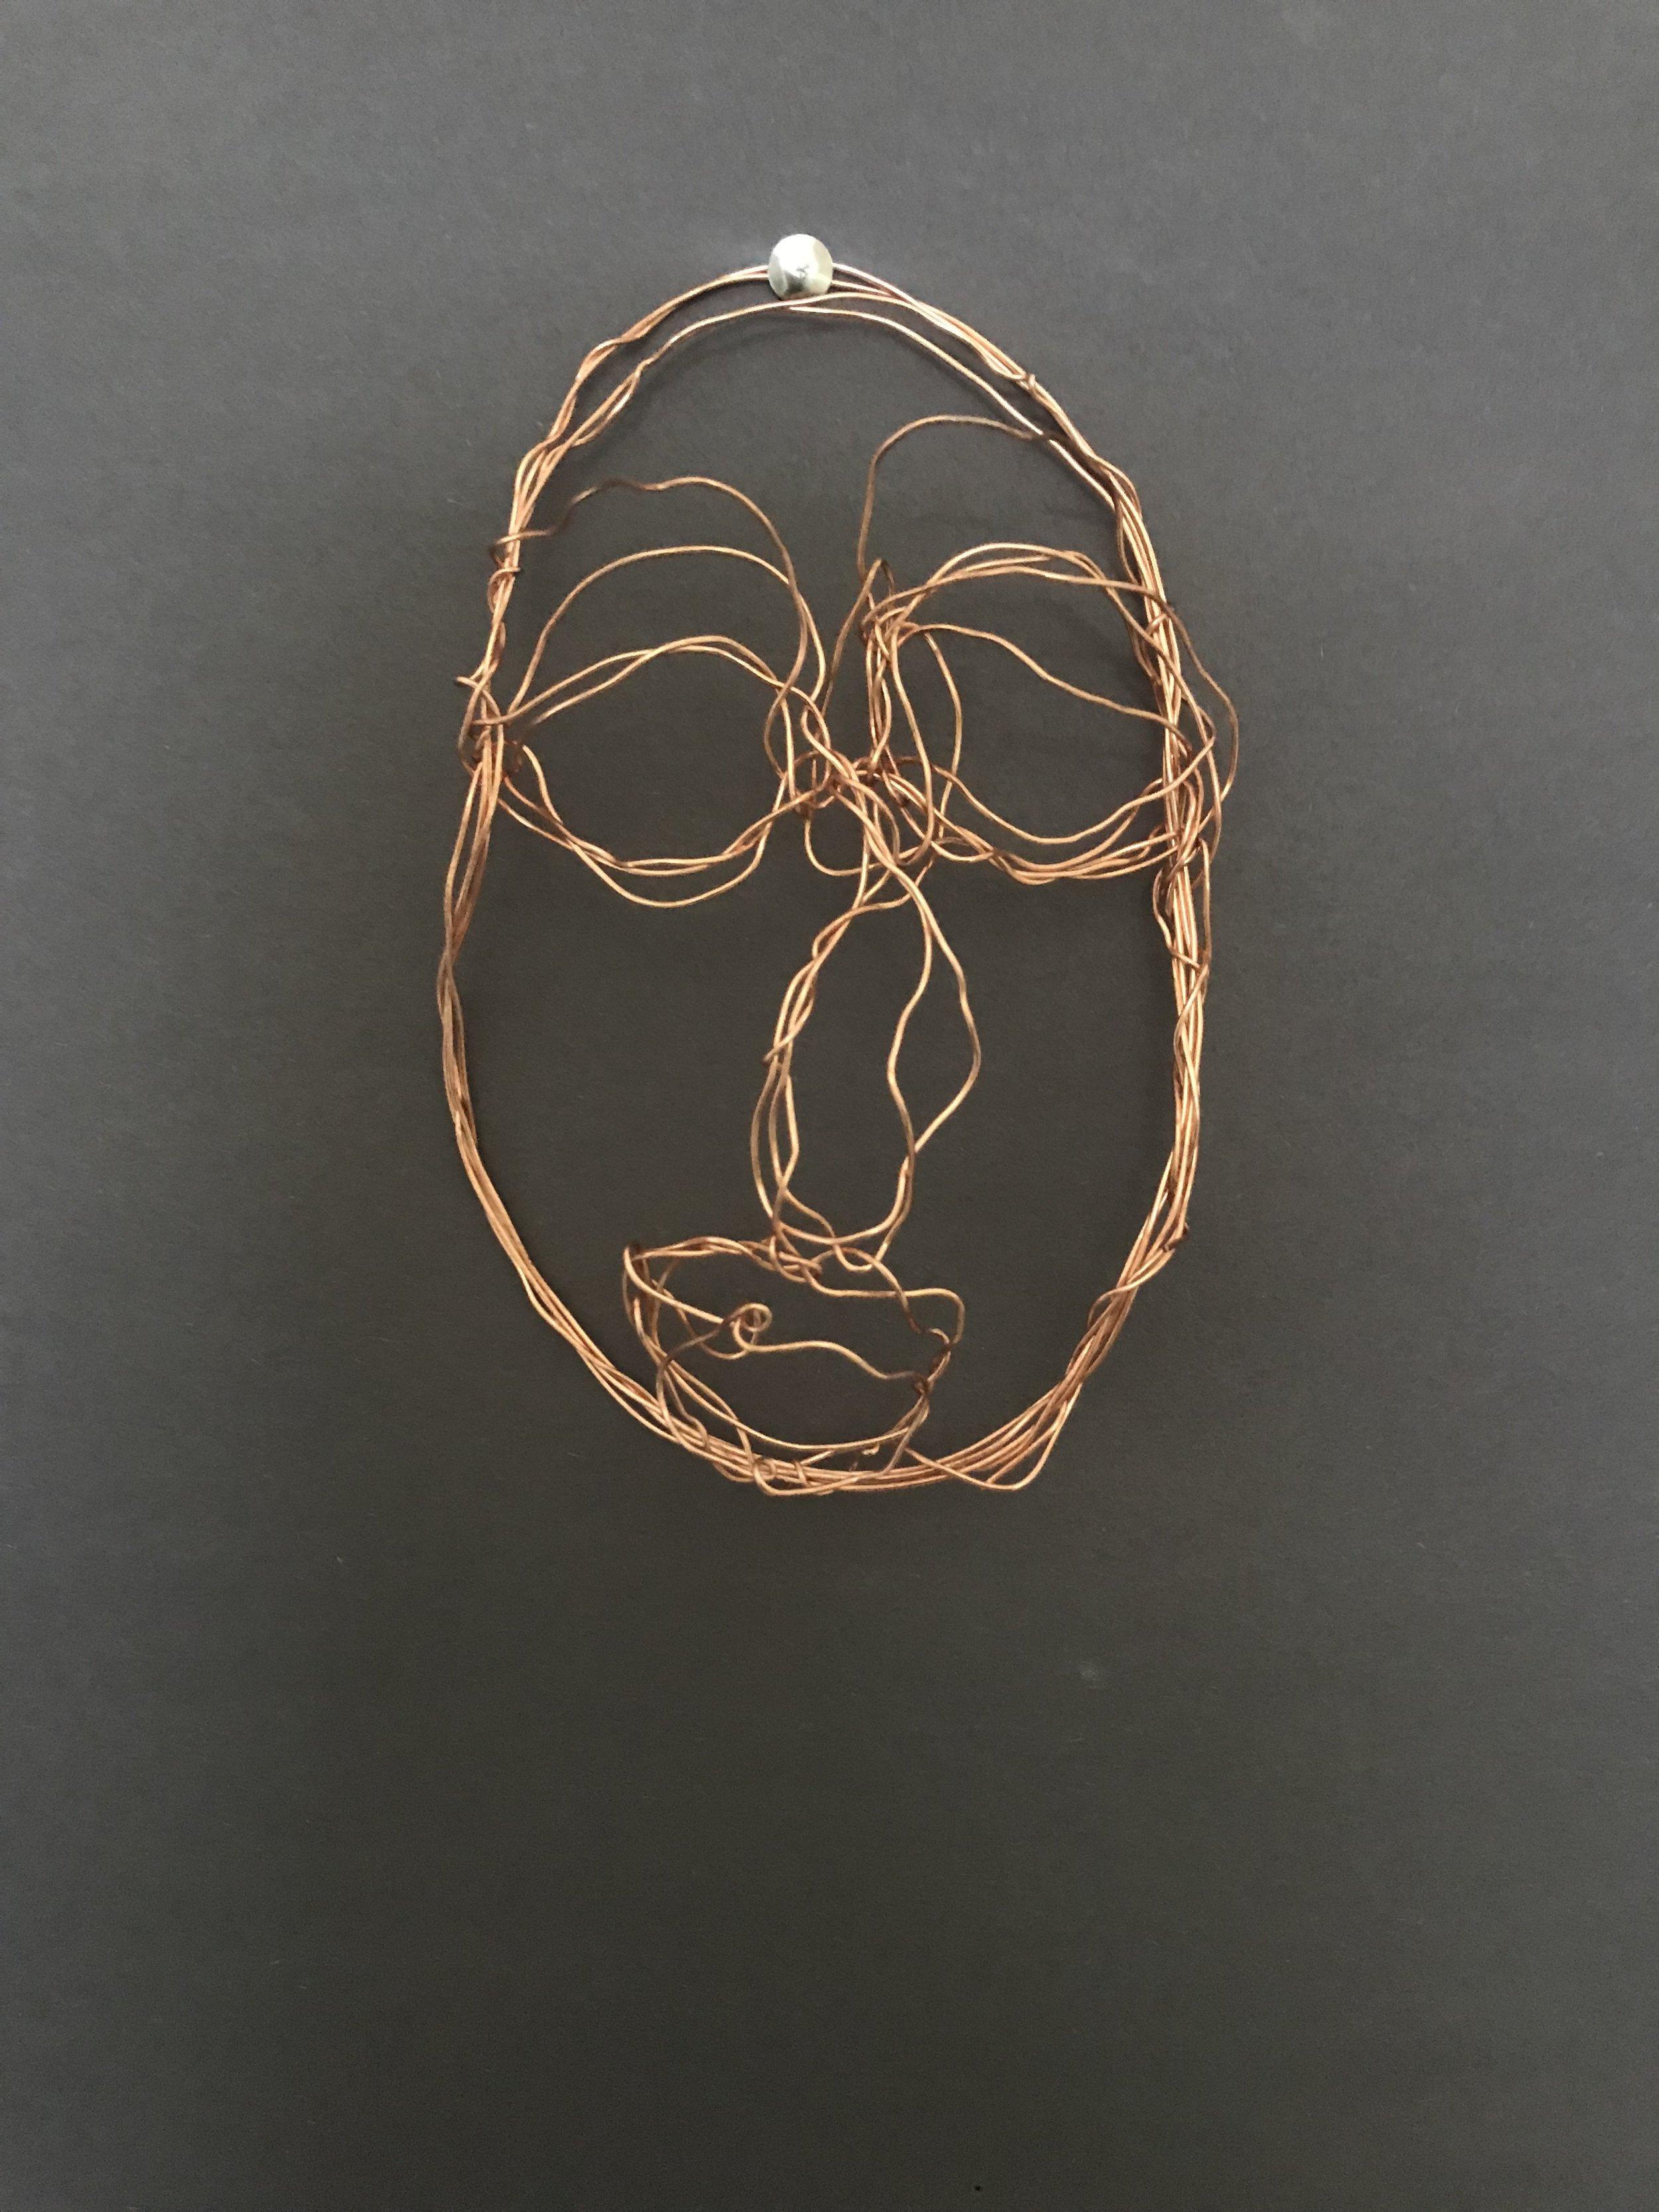 Sculpture #1 Wire piece